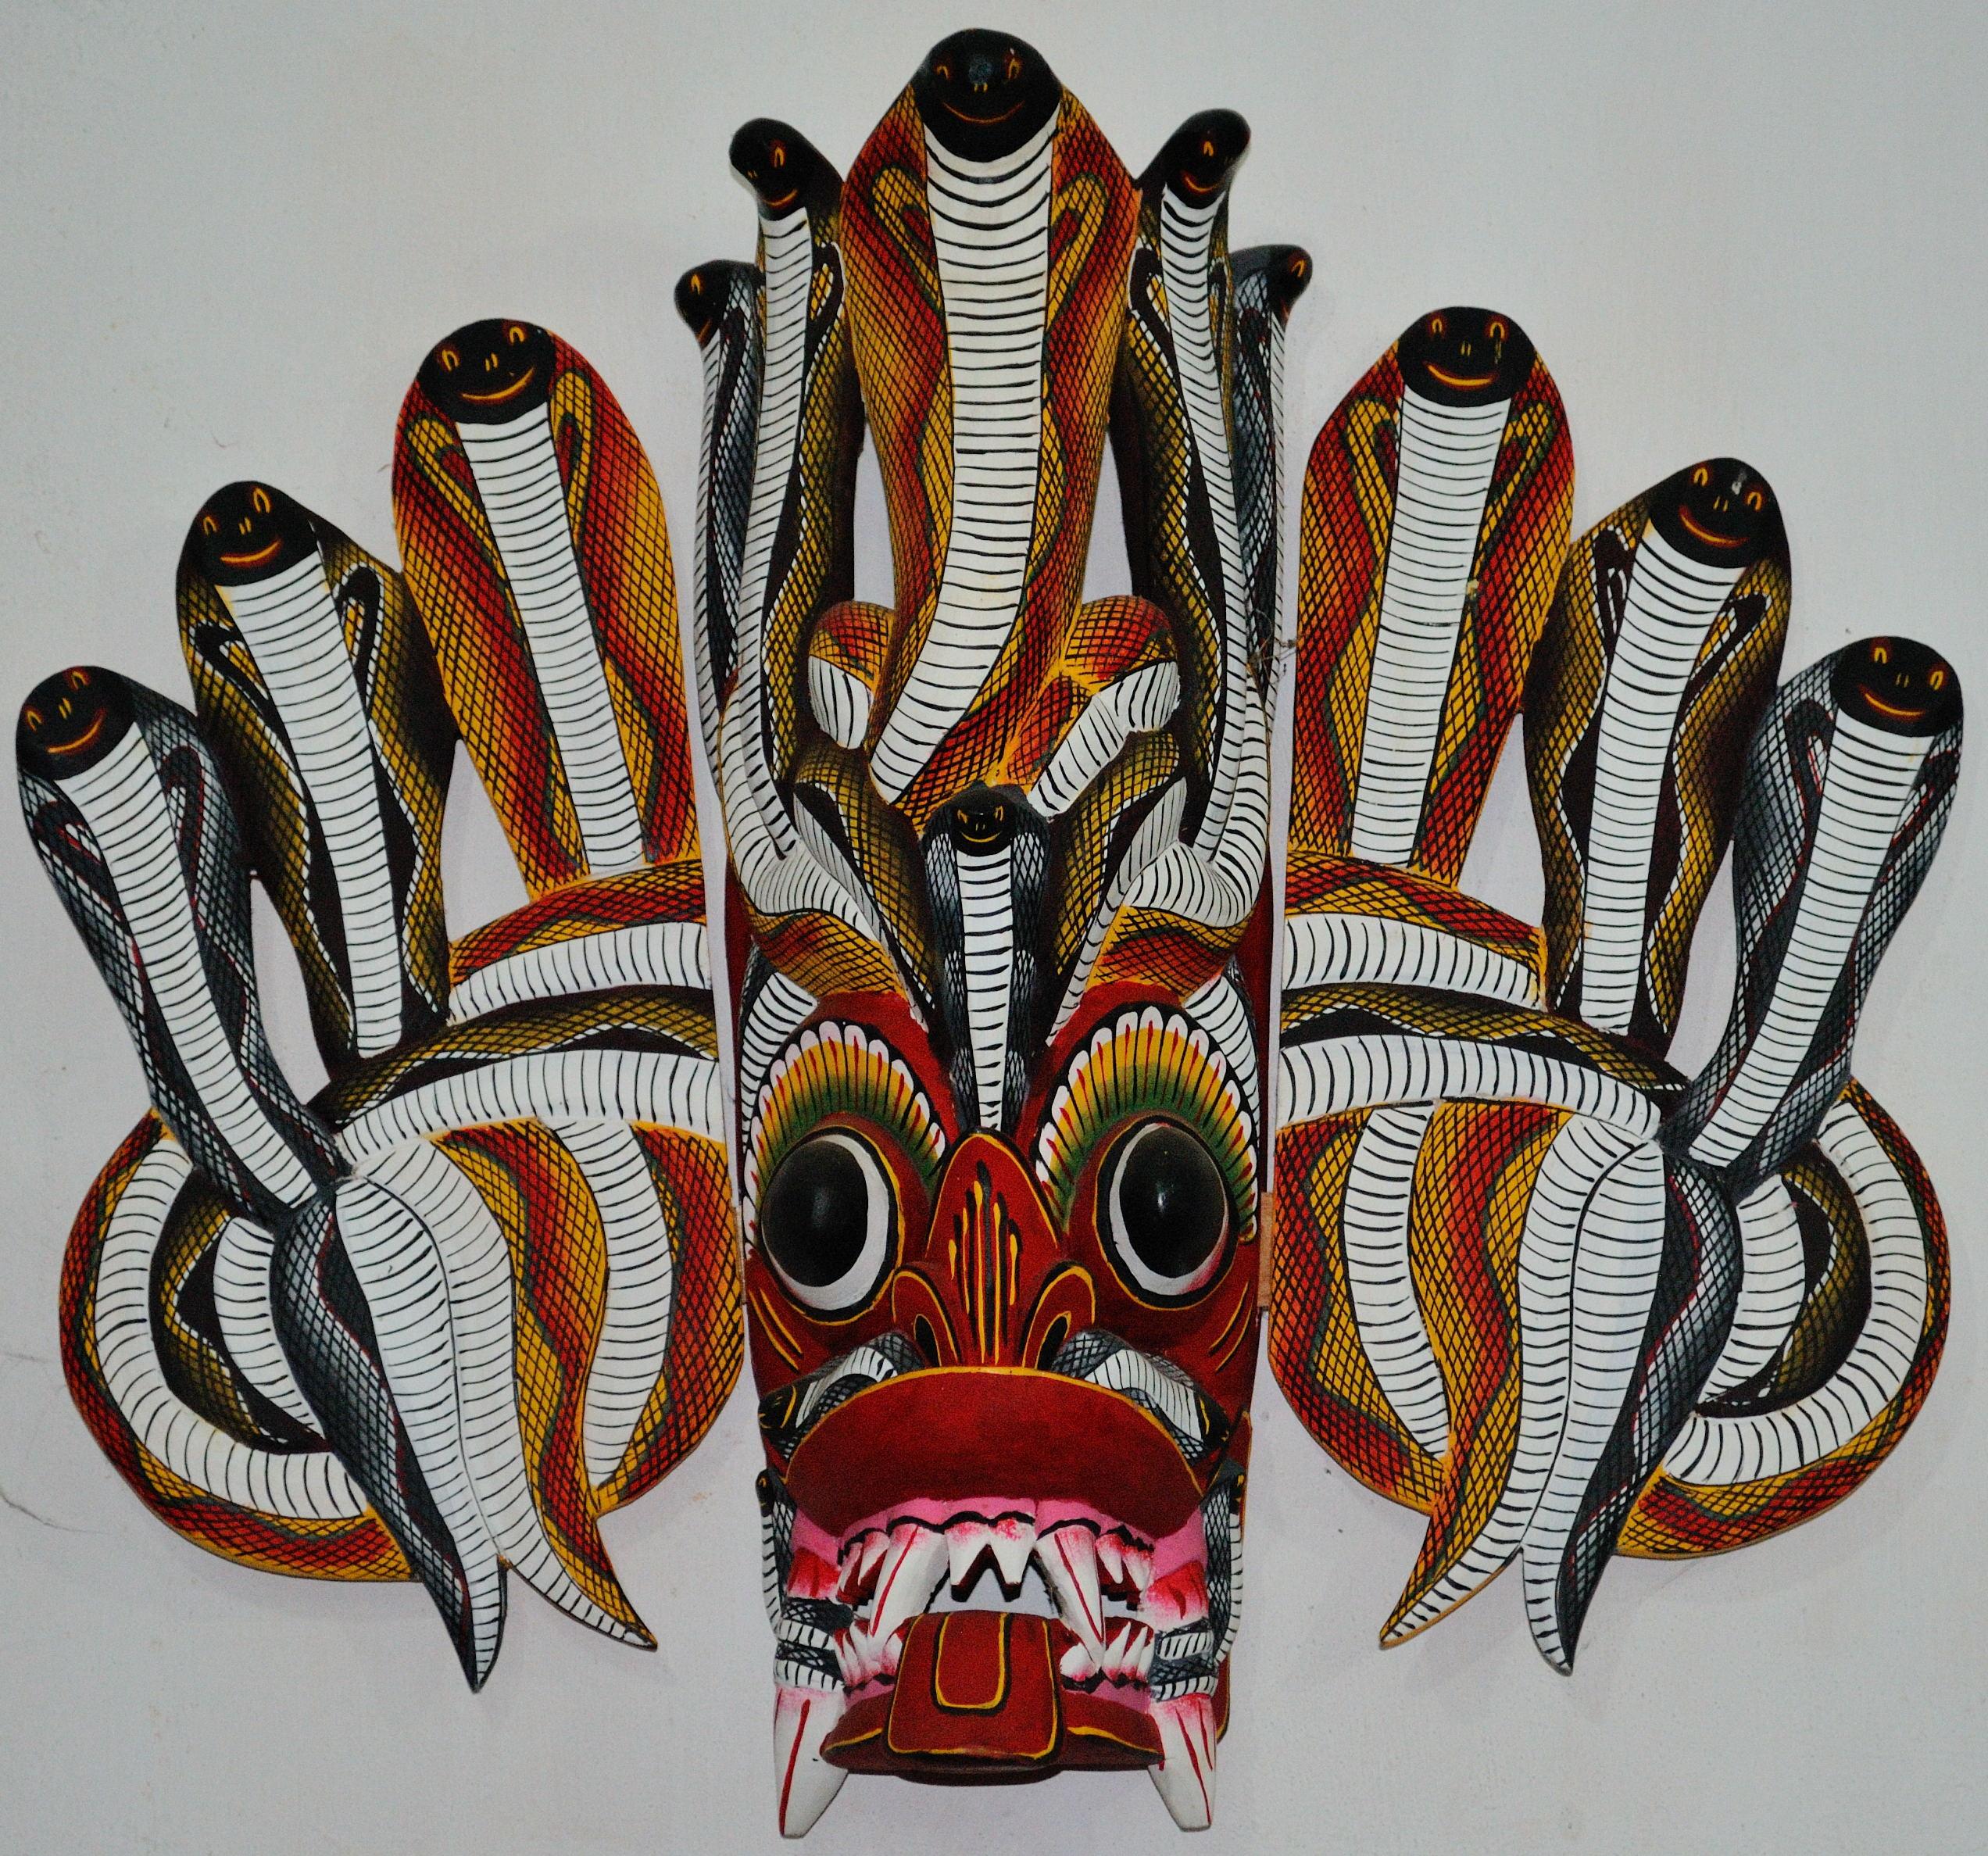 Ochronna maska z kobrą.